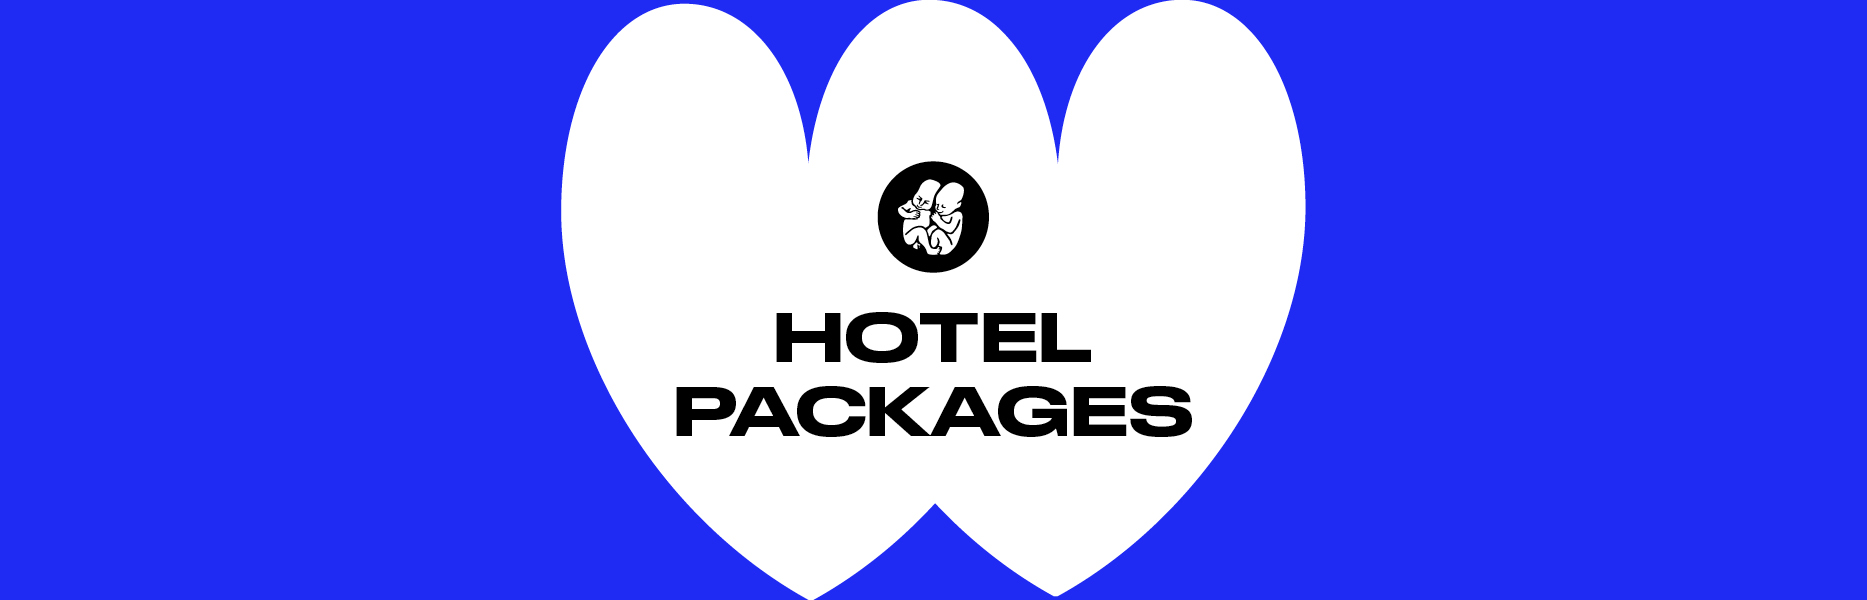 Packages Billet + Hôtel - Pohoda Festival